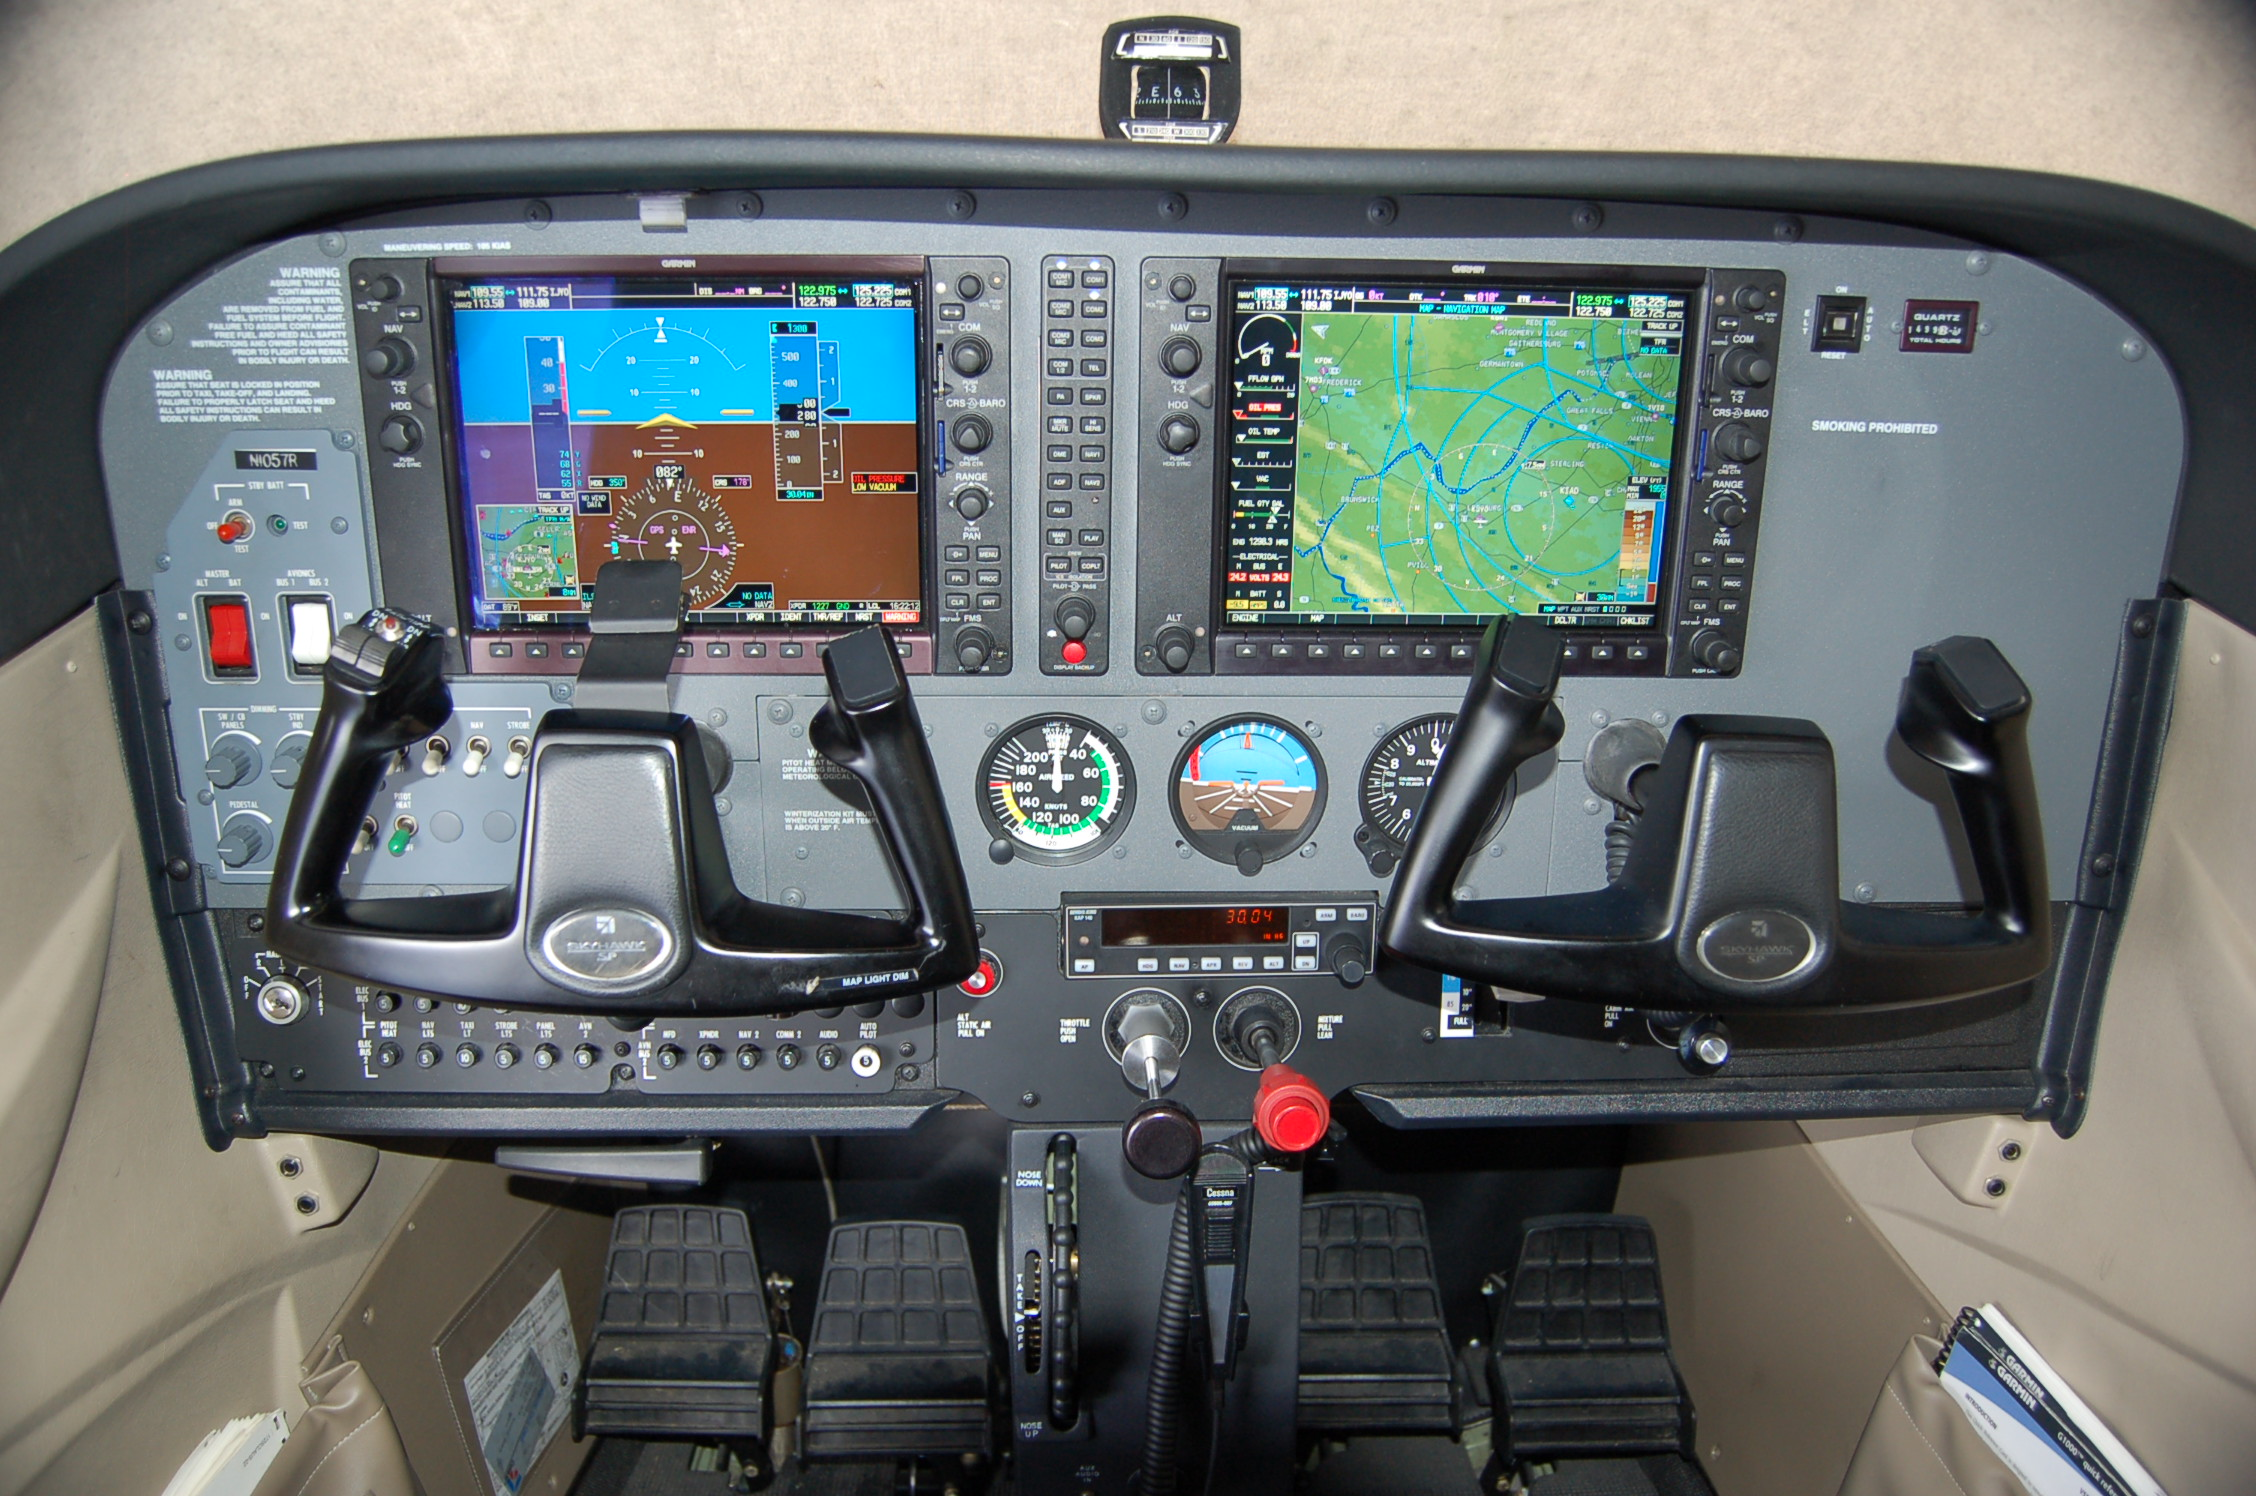 Ifr flight training manual